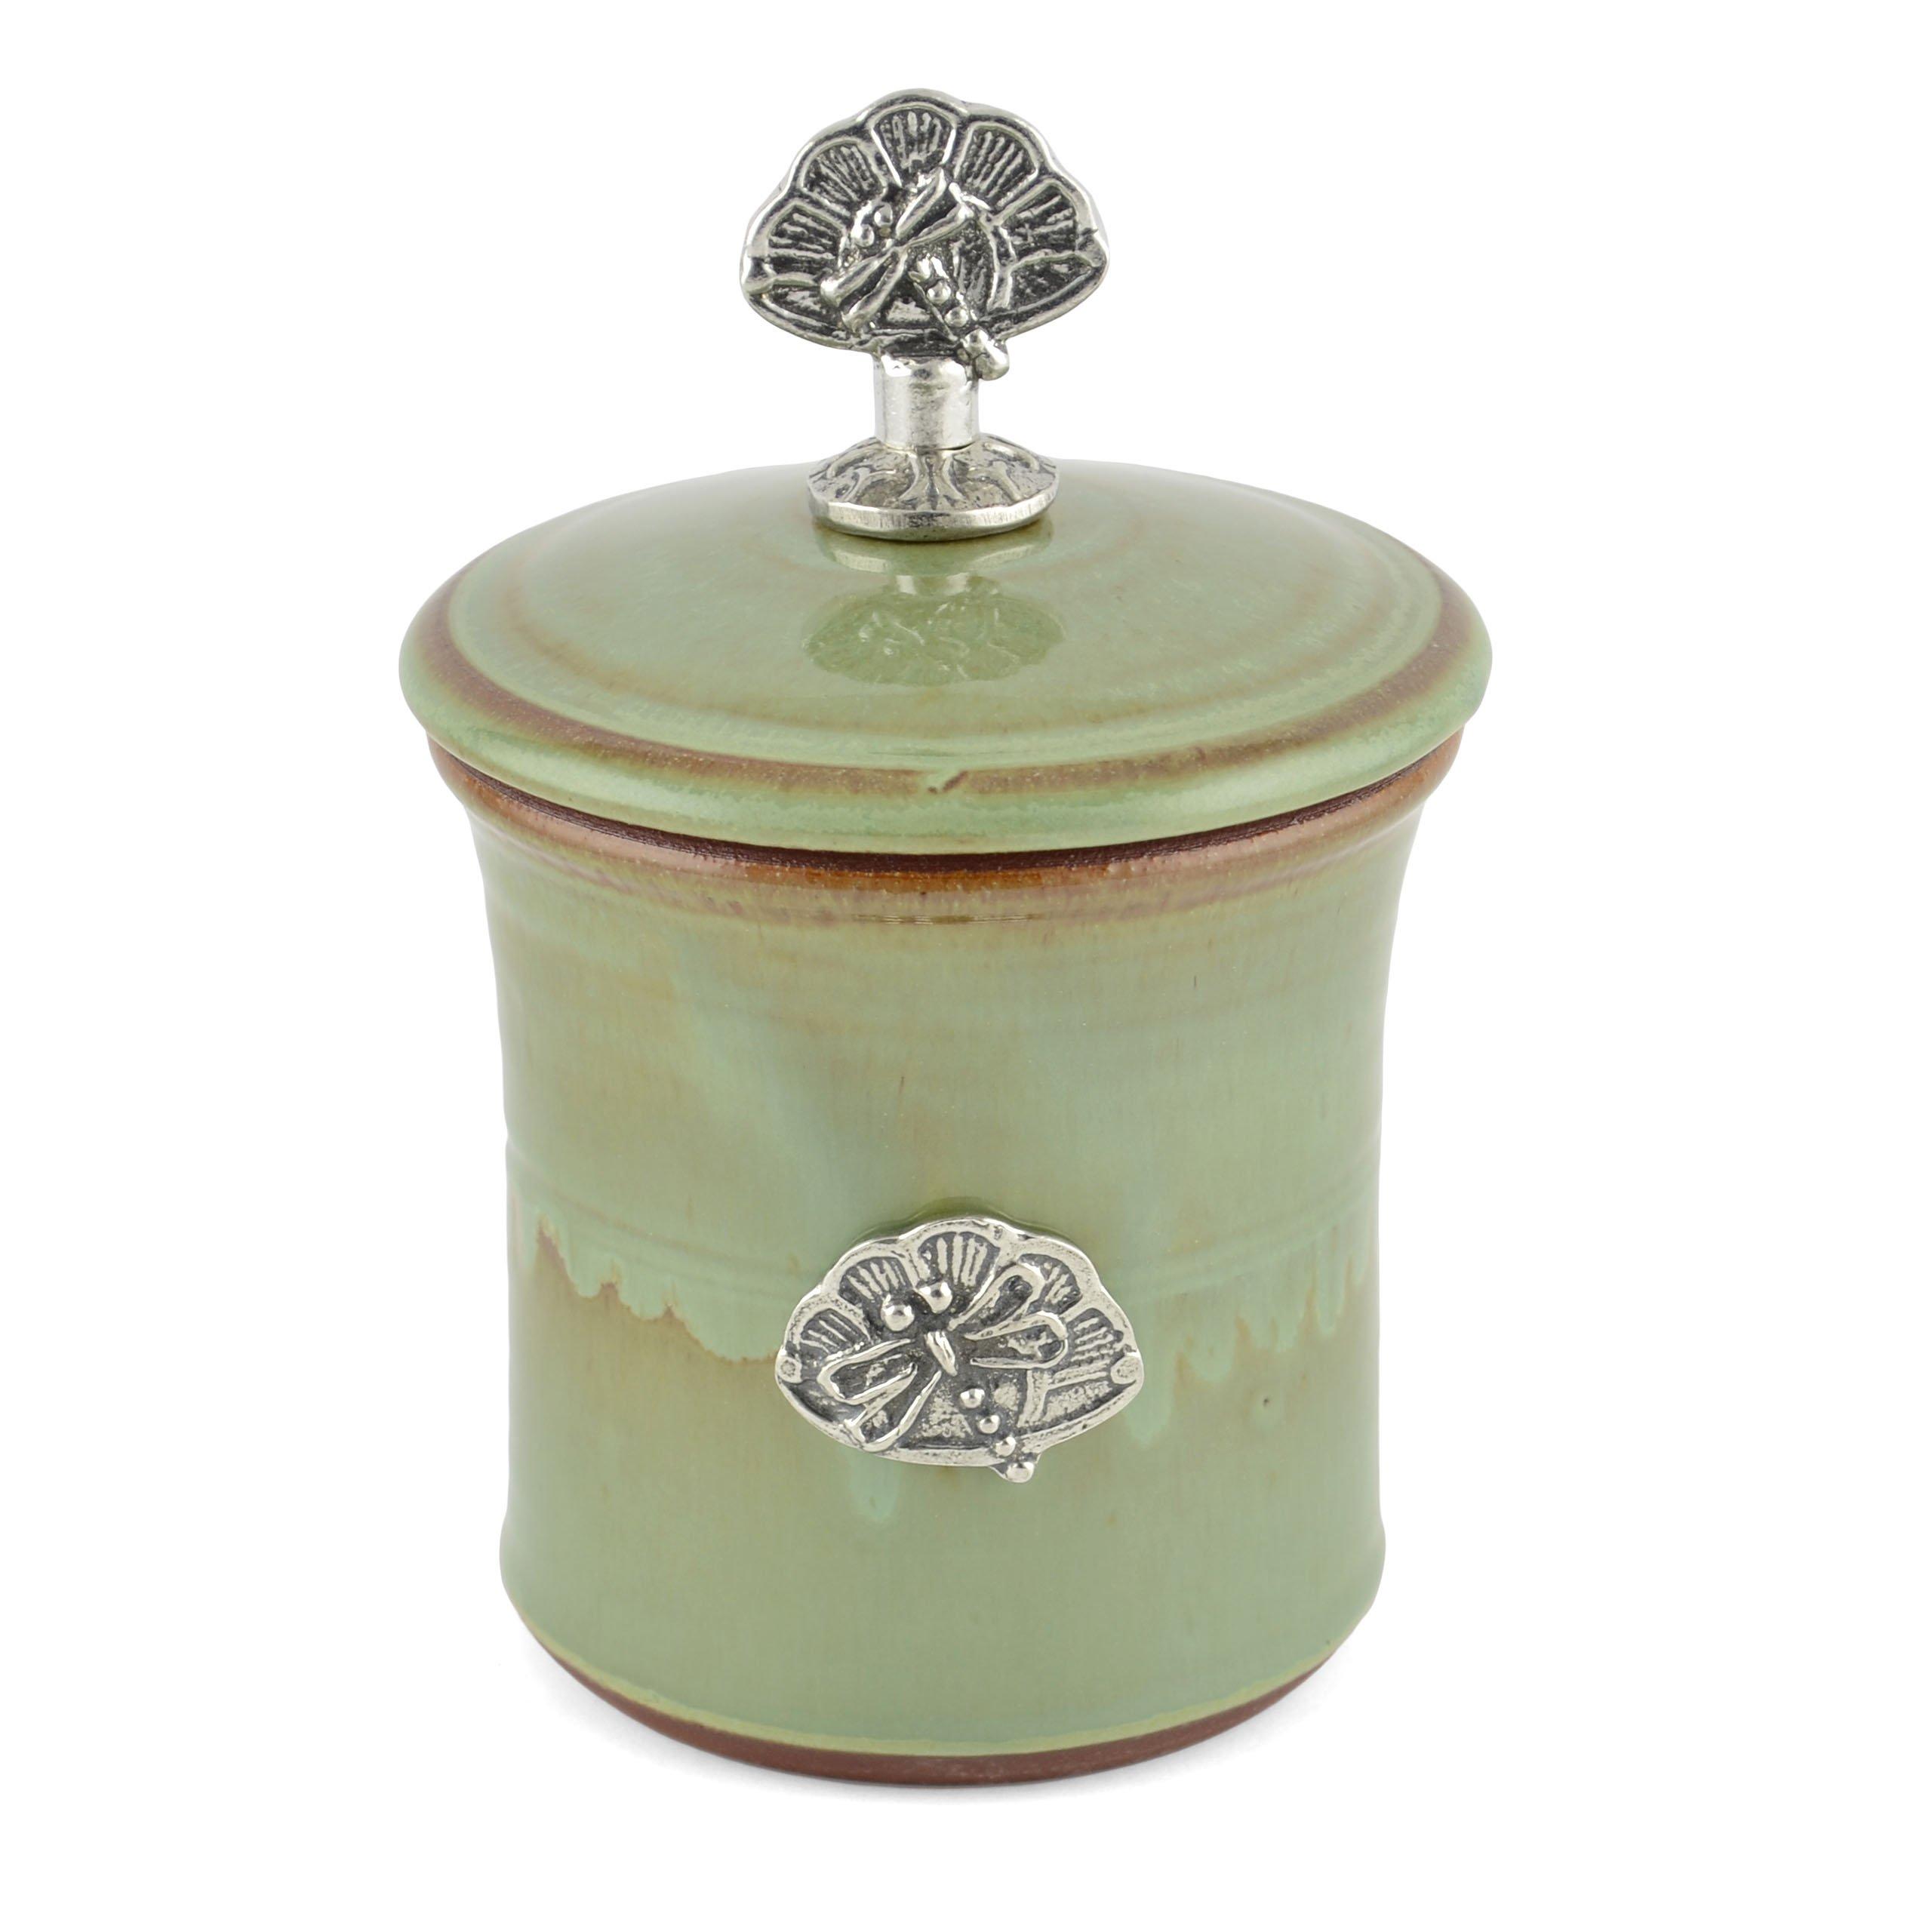 Oregon Stoneware Studio Dragonfly Garlic Pot with Pewter Finial, Pistachio by Oregon Stoneware Studio